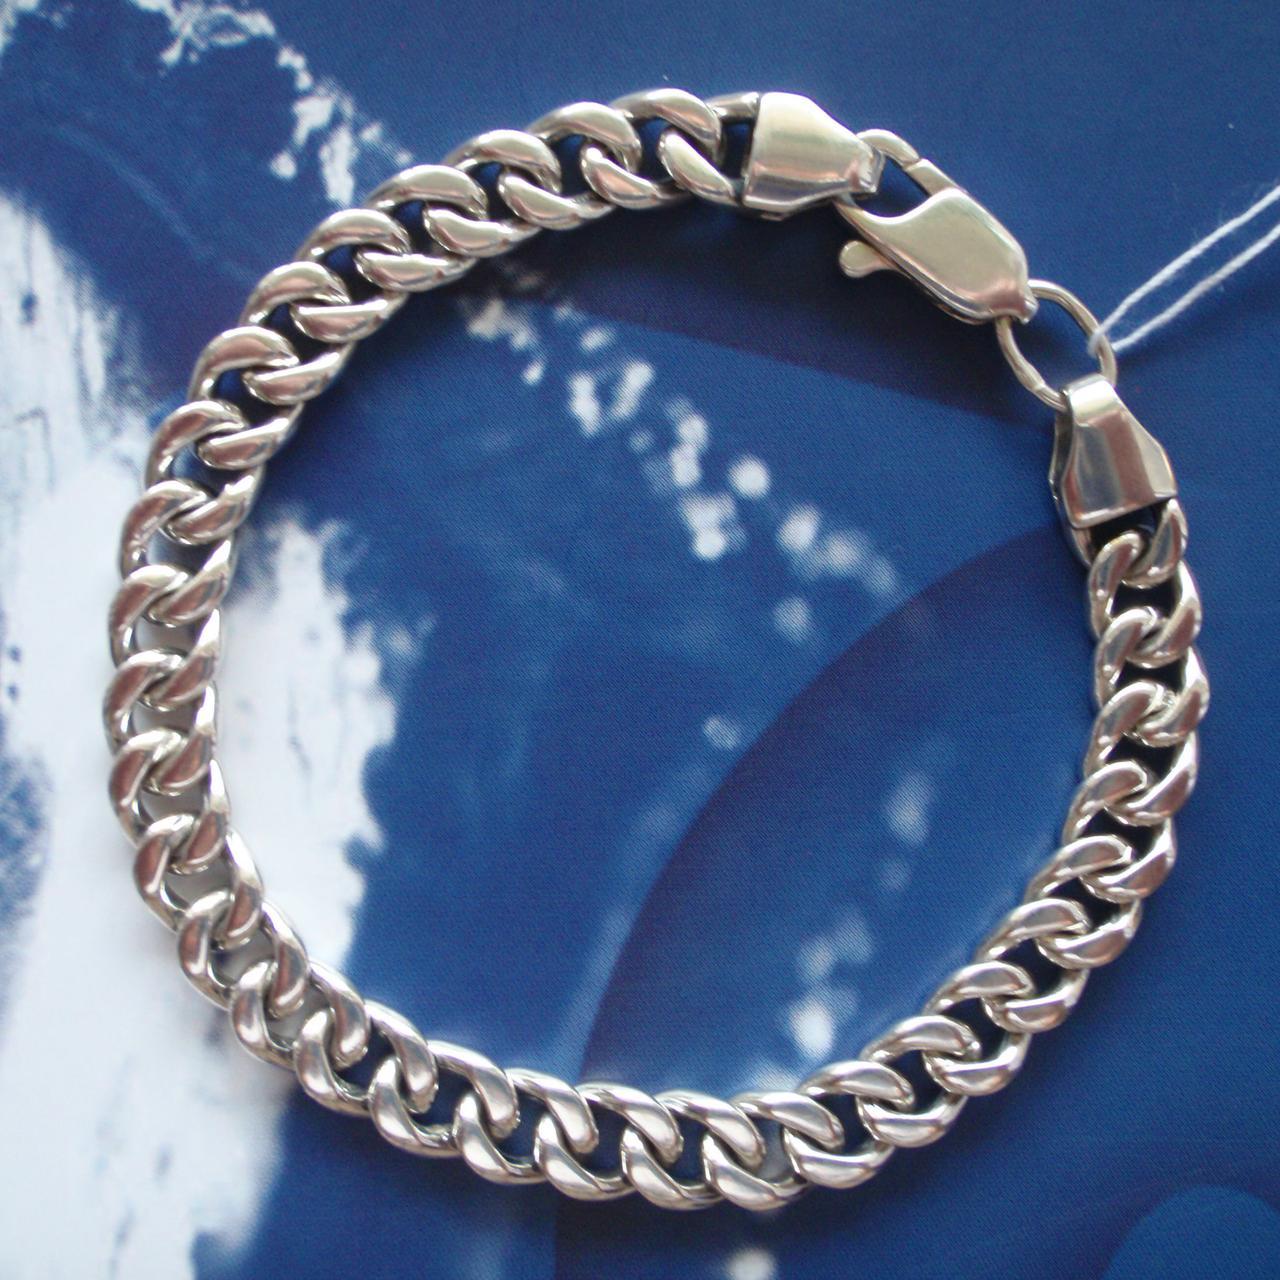 Серебряный мужской браслет, 210мм, 32 грамма, плетение Панцирь